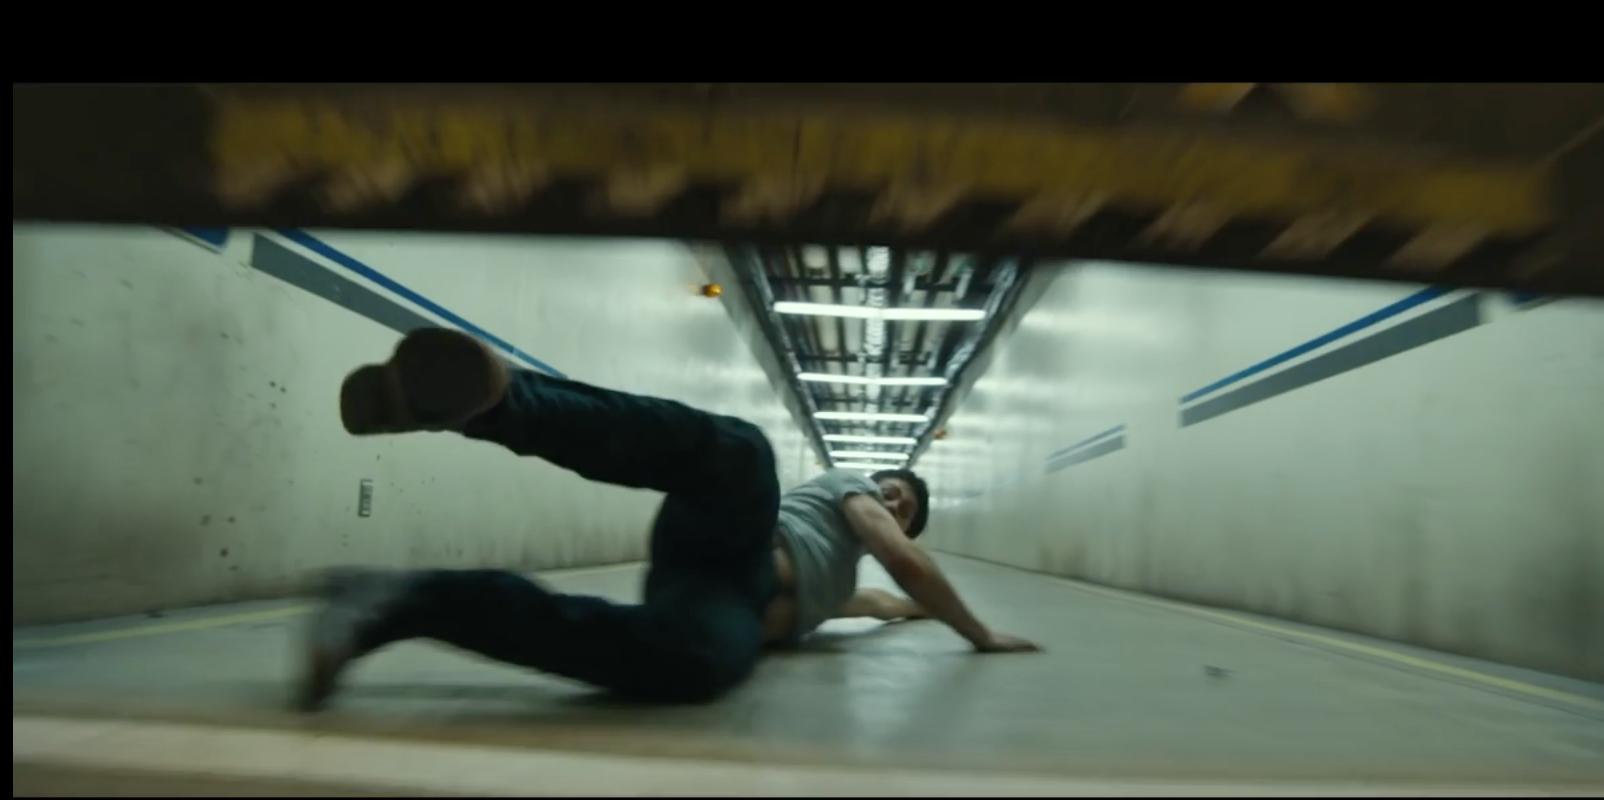 Rejouez la cascade du film Labyrinthe et tentez de vous échapper d'un couloir de 17m de long avant que la porte ne se referme